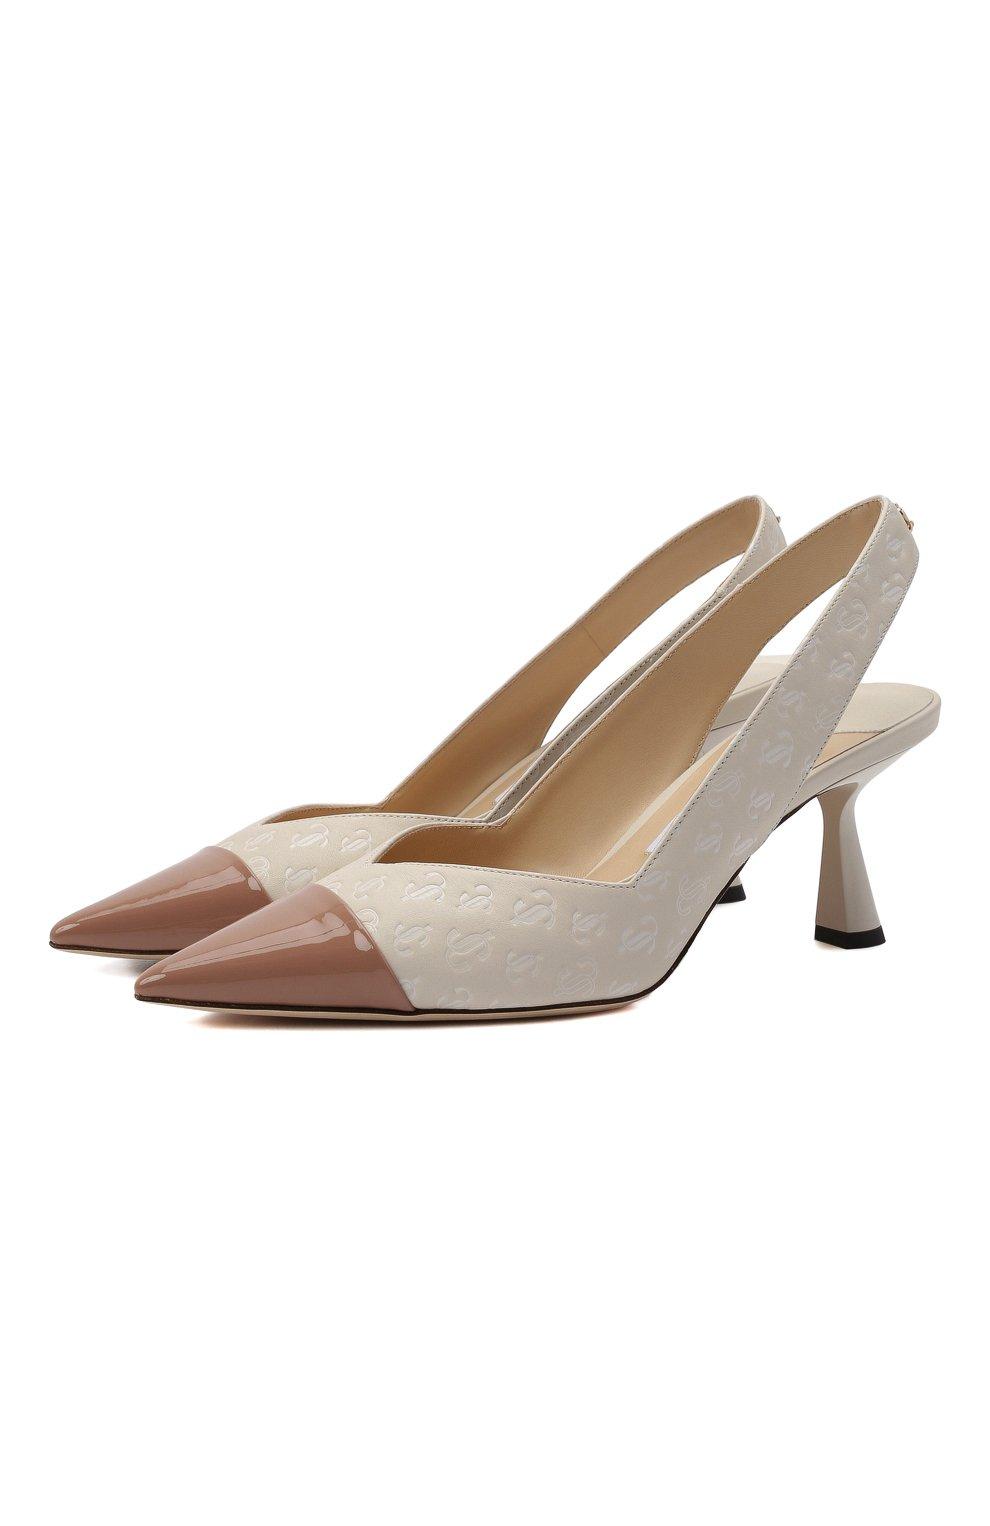 Женские кожаные туфли liya 65 JIMMY CHOO кремвого цвета, арт. LIYA 65/ZY0 | Фото 1 (Материал внутренний: Натуральная кожа; Каблук высота: Средний; Каблук тип: Шпилька; Подошва: Плоская)